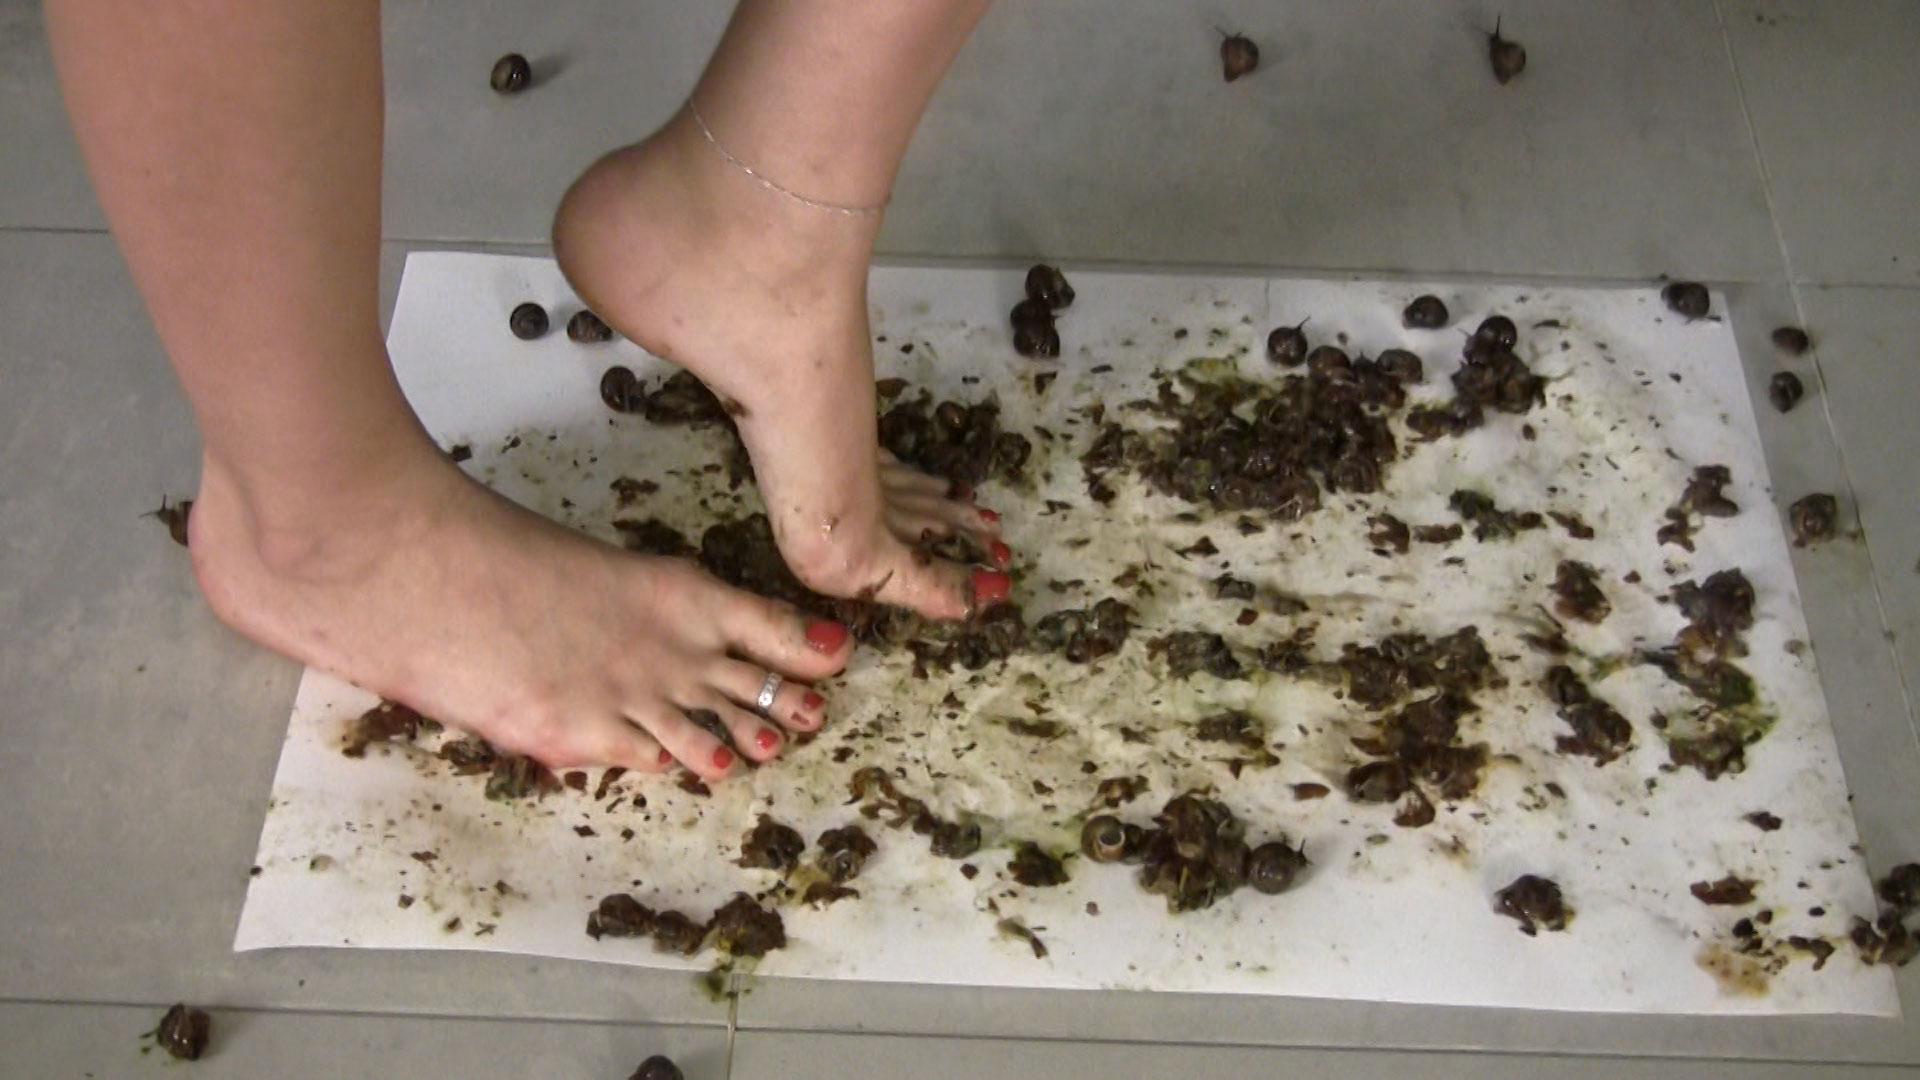 【踩害虫】||美女踩虫子||美女消灭害虫